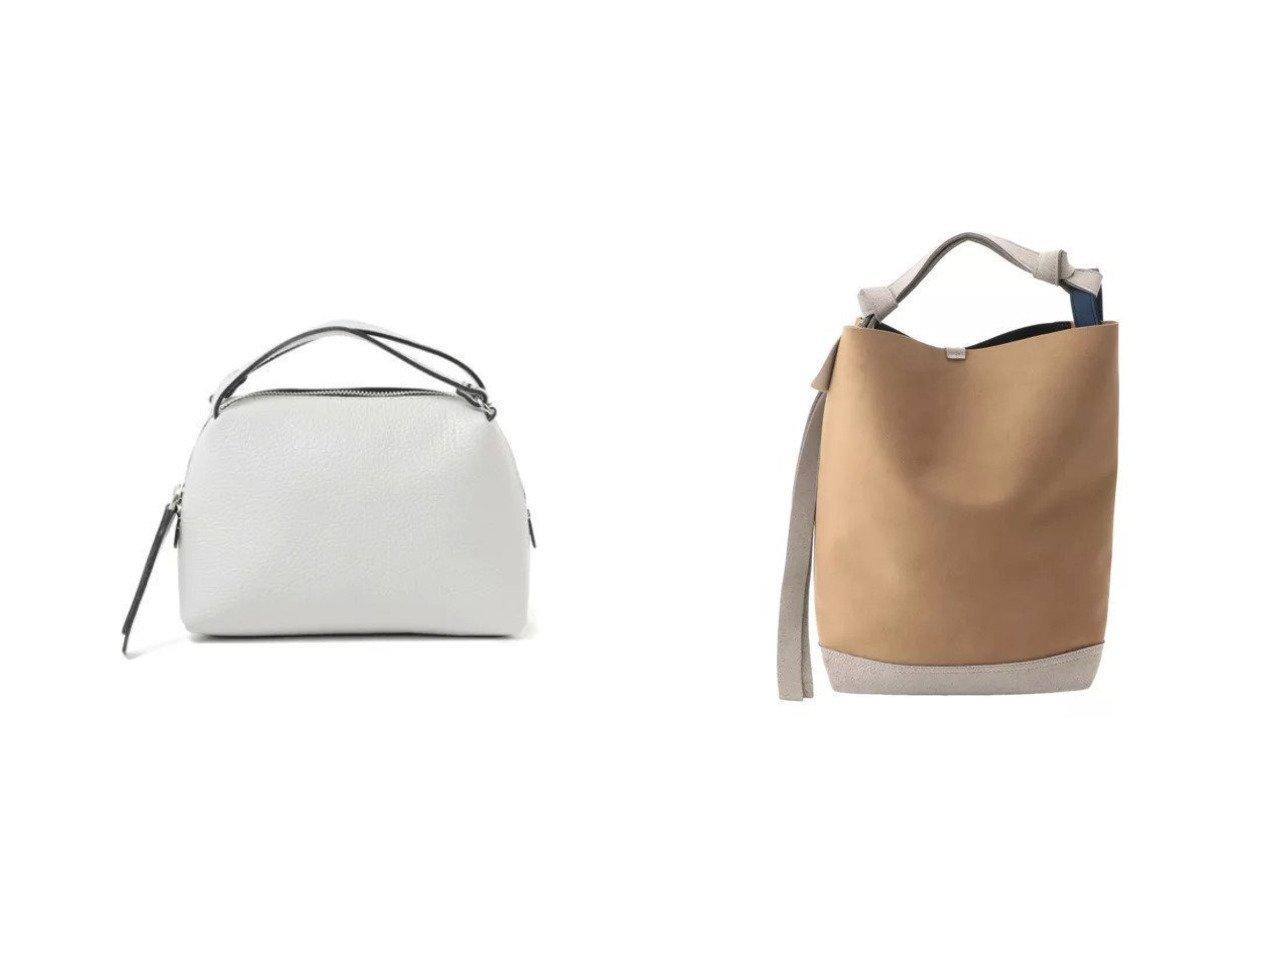 【zattu/ザッツ】のVITTO MULTI-1&【Demi-Luxe BEAMS/デミルクス ビームス】の2WAY ALIFA レザーバッグ S バッグ・鞄のおすすめ!人気、トレンド・レディースファッションの通販 おすすめで人気の流行・トレンド、ファッションの通販商品 メンズファッション・キッズファッション・インテリア・家具・レディースファッション・服の通販 founy(ファニー) https://founy.com/ ファッション Fashion レディースファッション WOMEN バッグ Bag イタリア トレンド パイソン 人気 今季  ID:crp329100000016328